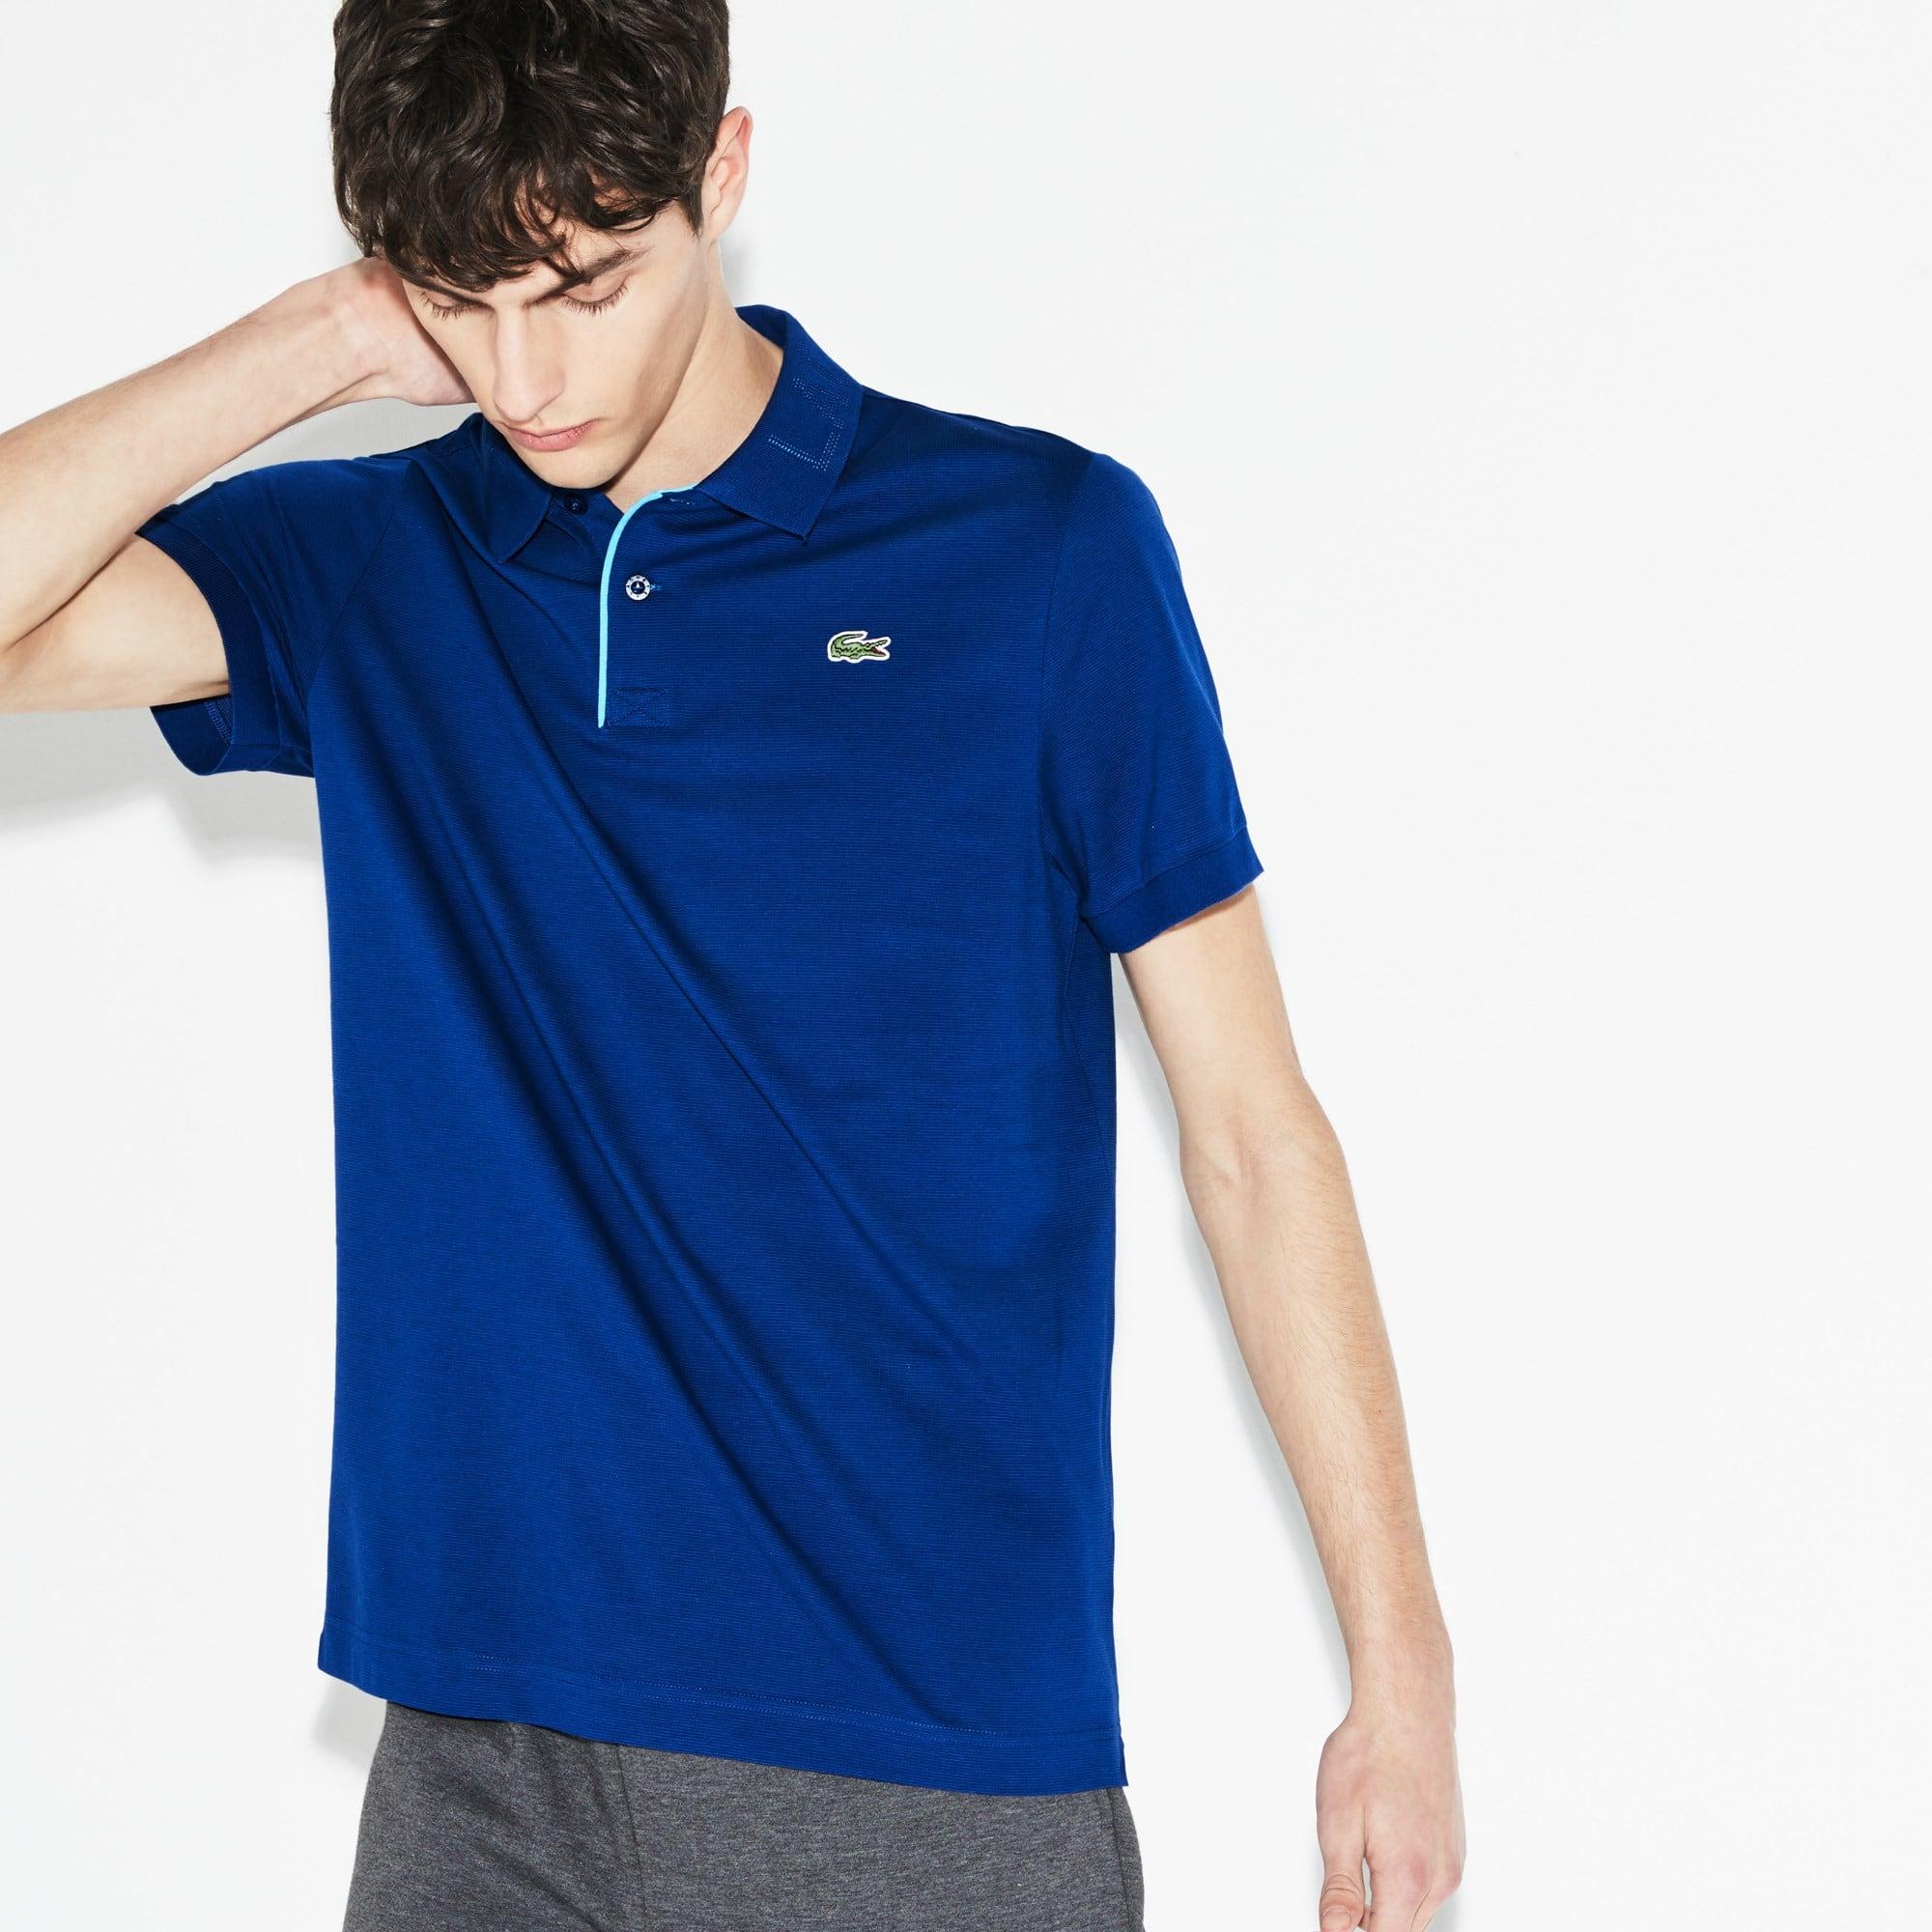 Polo Tennis Lacoste SPORT em algodão superleve com colarinho com impressão